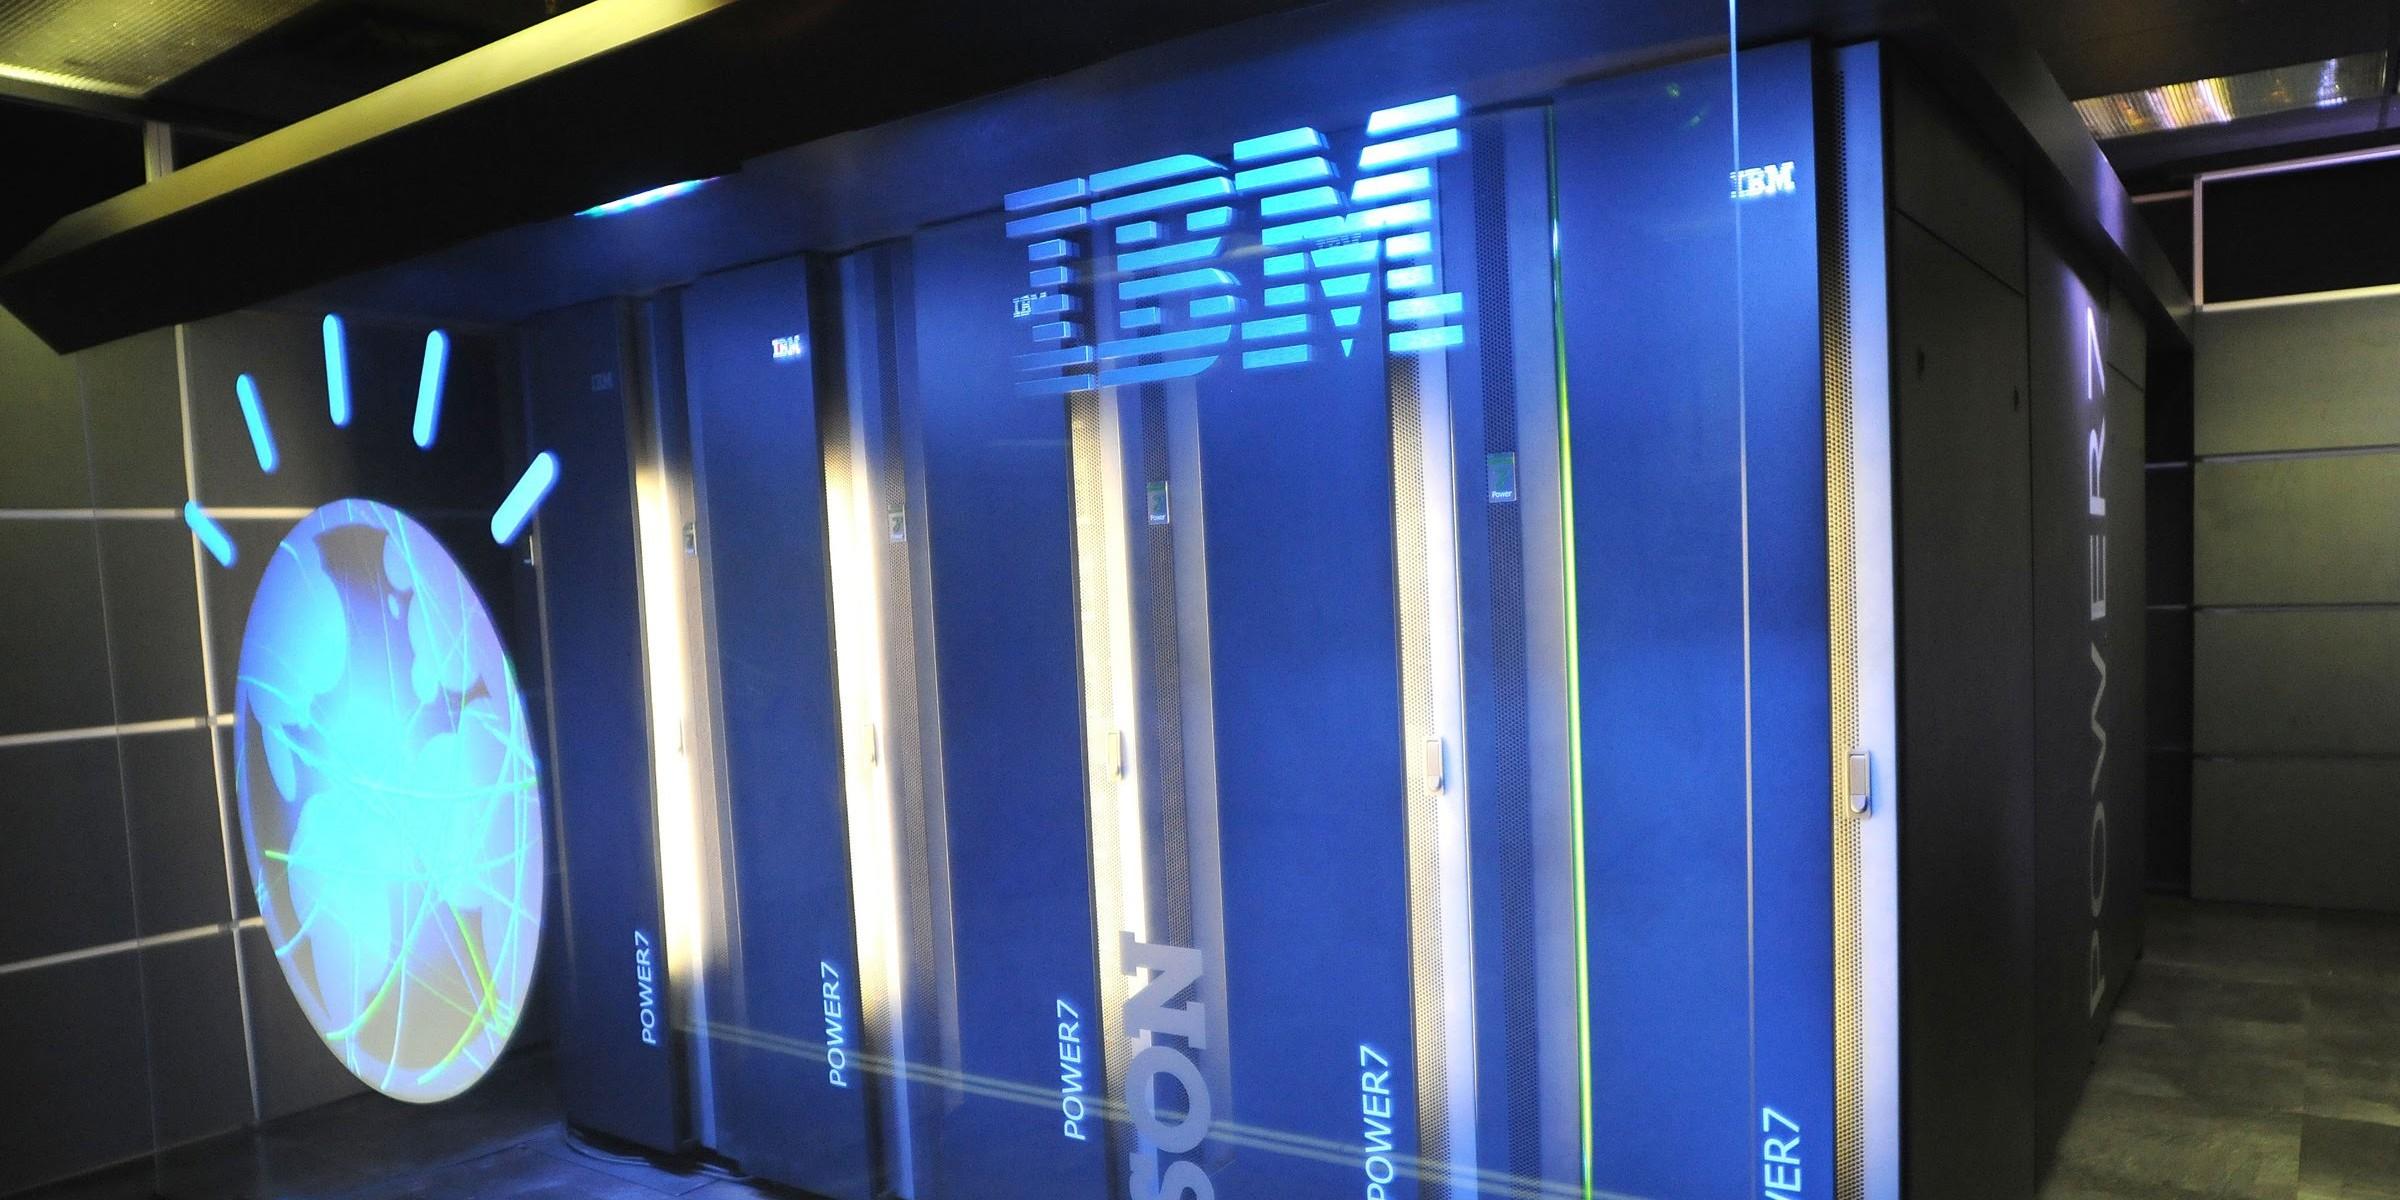 IBM et Salesforce : partenariat stratégique dans le domaine de l'intelligence artificielle